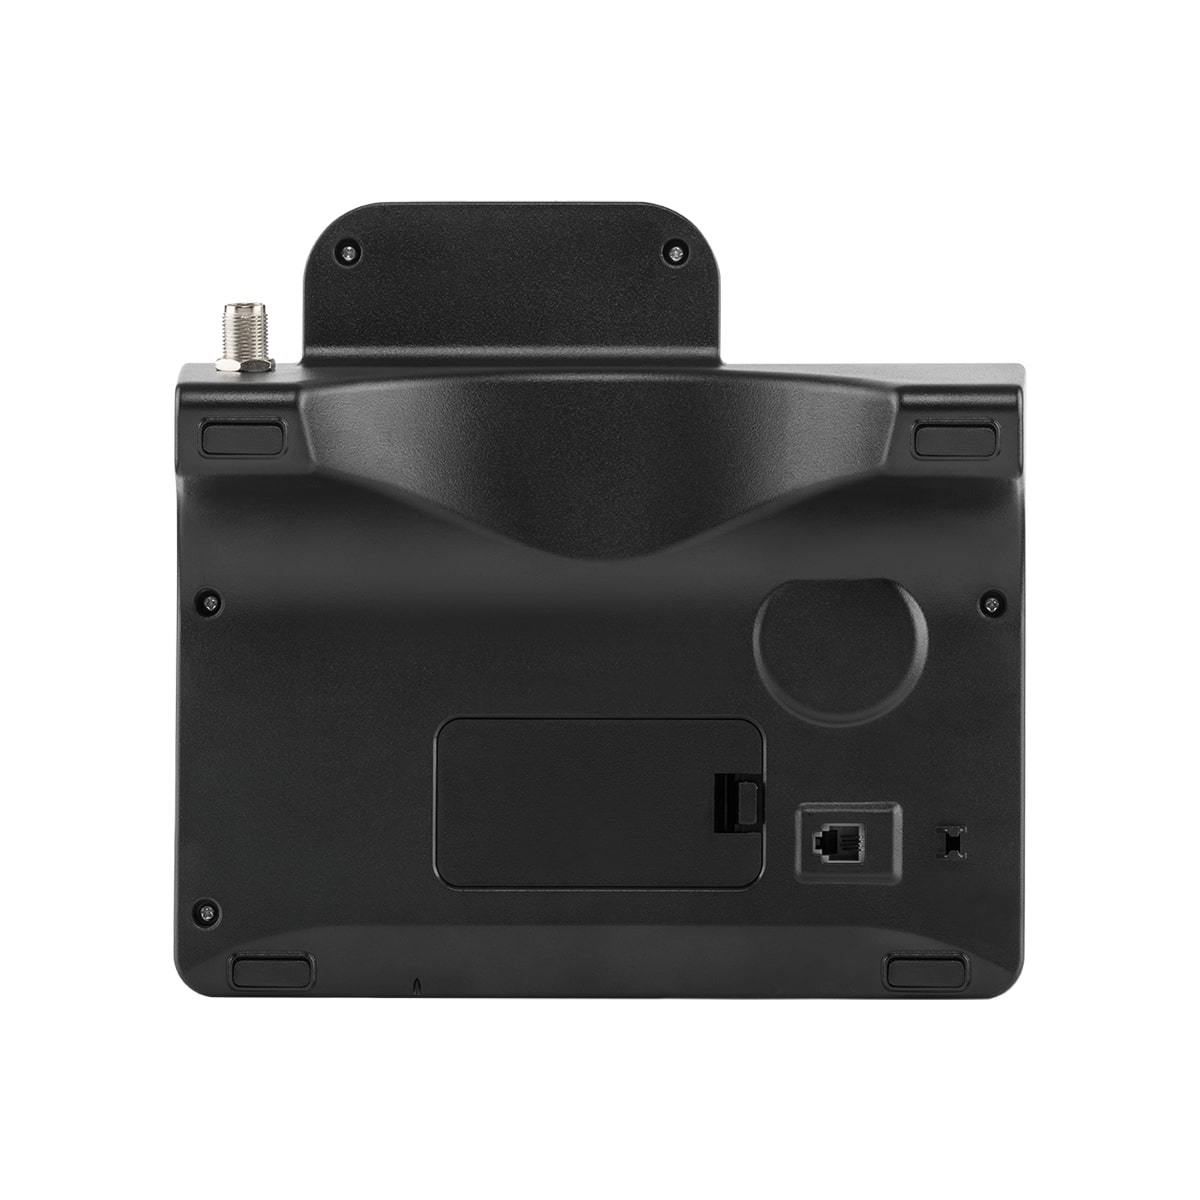 Telefone Celular Fixo 4G com Wi-Fi Intelbras CFW 9041